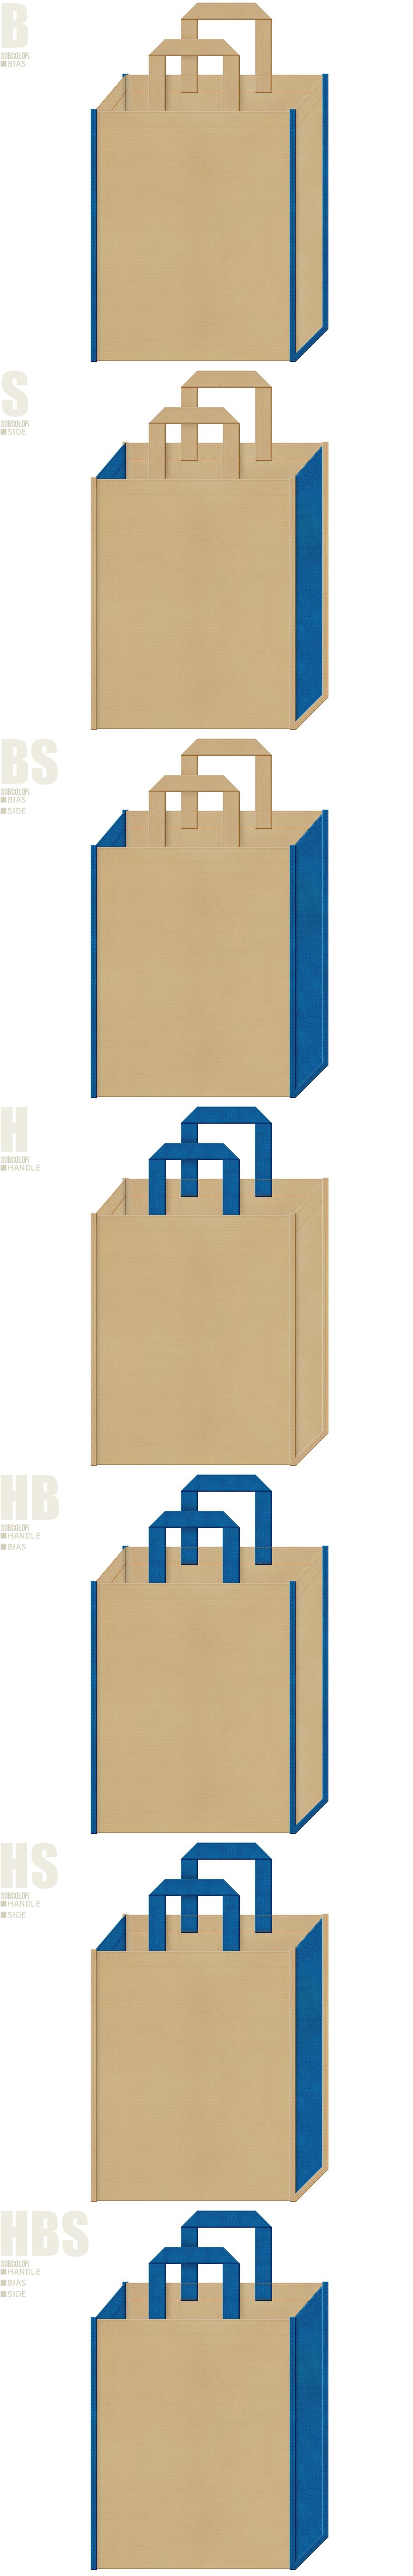 不織布バッグのデザイン:カーキ色と青色の配色7パターン